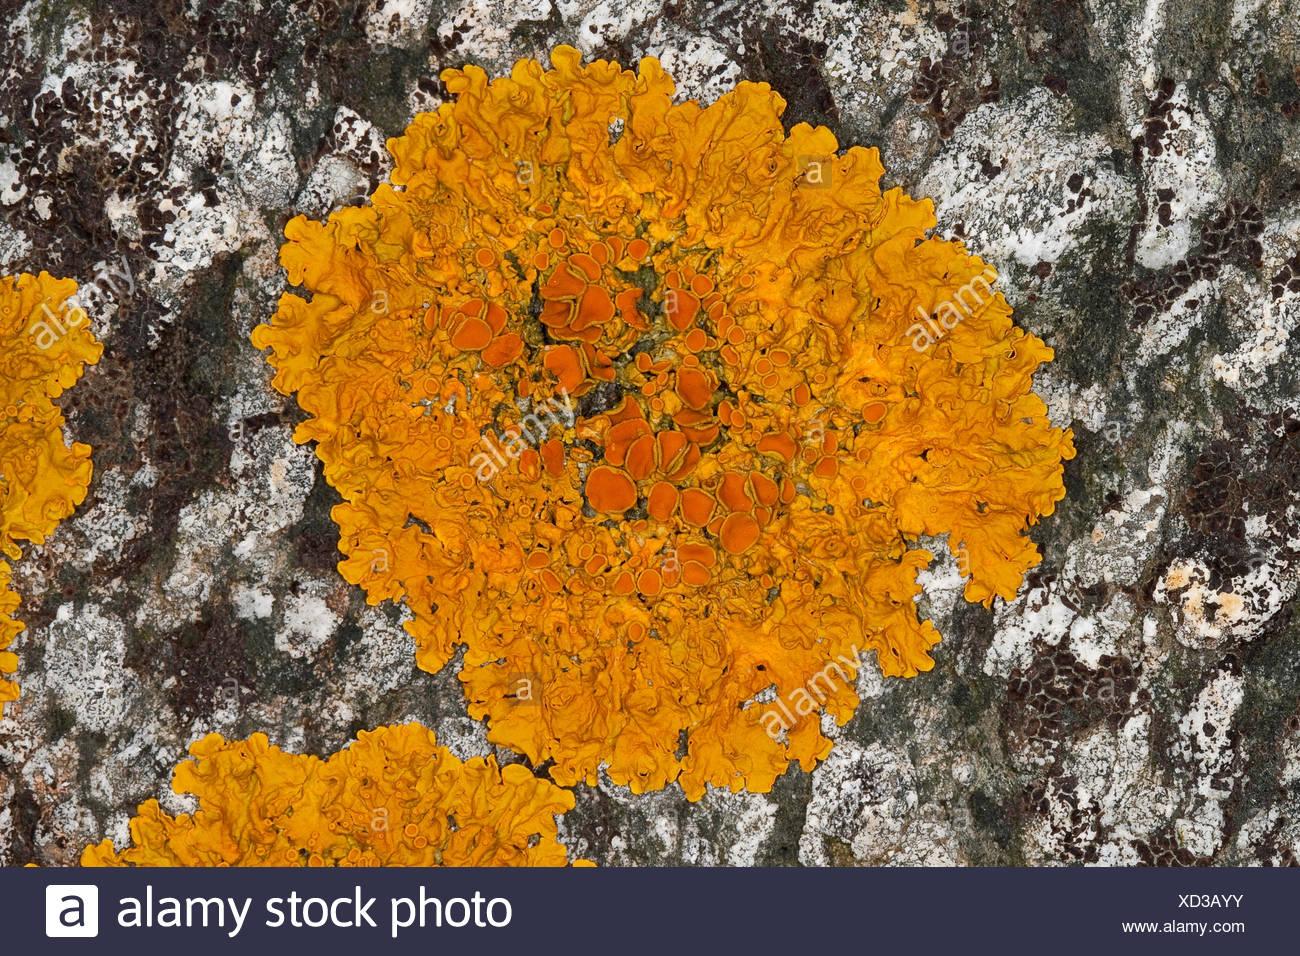 Common orange lichen, Yellow scale, Maritime sunburst lichen, Shore lichen, Golden shield lichen (Xanthoria parietina, Parmelia parietina), on a coastal rock of the Baltic Sea, Germany - Stock Image